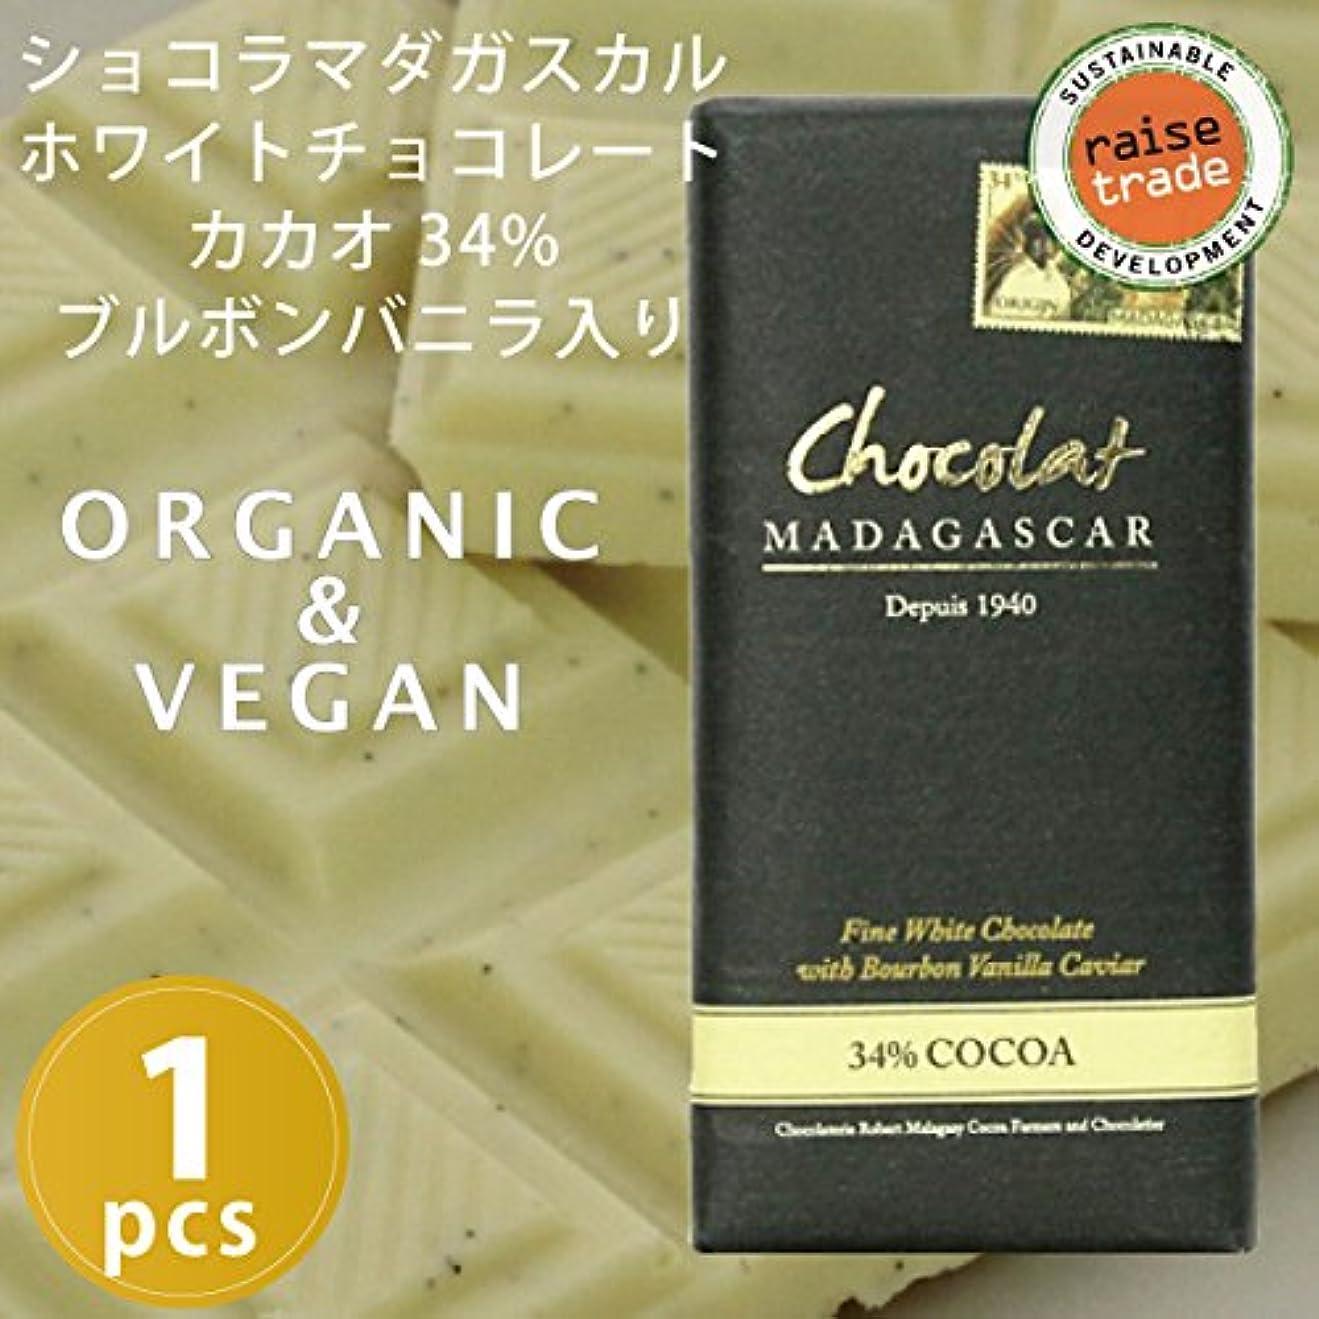 彼女擁する重なるショコラマダガスカル ファインホワイトチョコレート 34% ブルボンバニラ入 BeantoBarChocolate(ビーントゥーバーチョコレート)ツリートゥーバーチョコレート オーガニック フェアートレード レイズトレード...